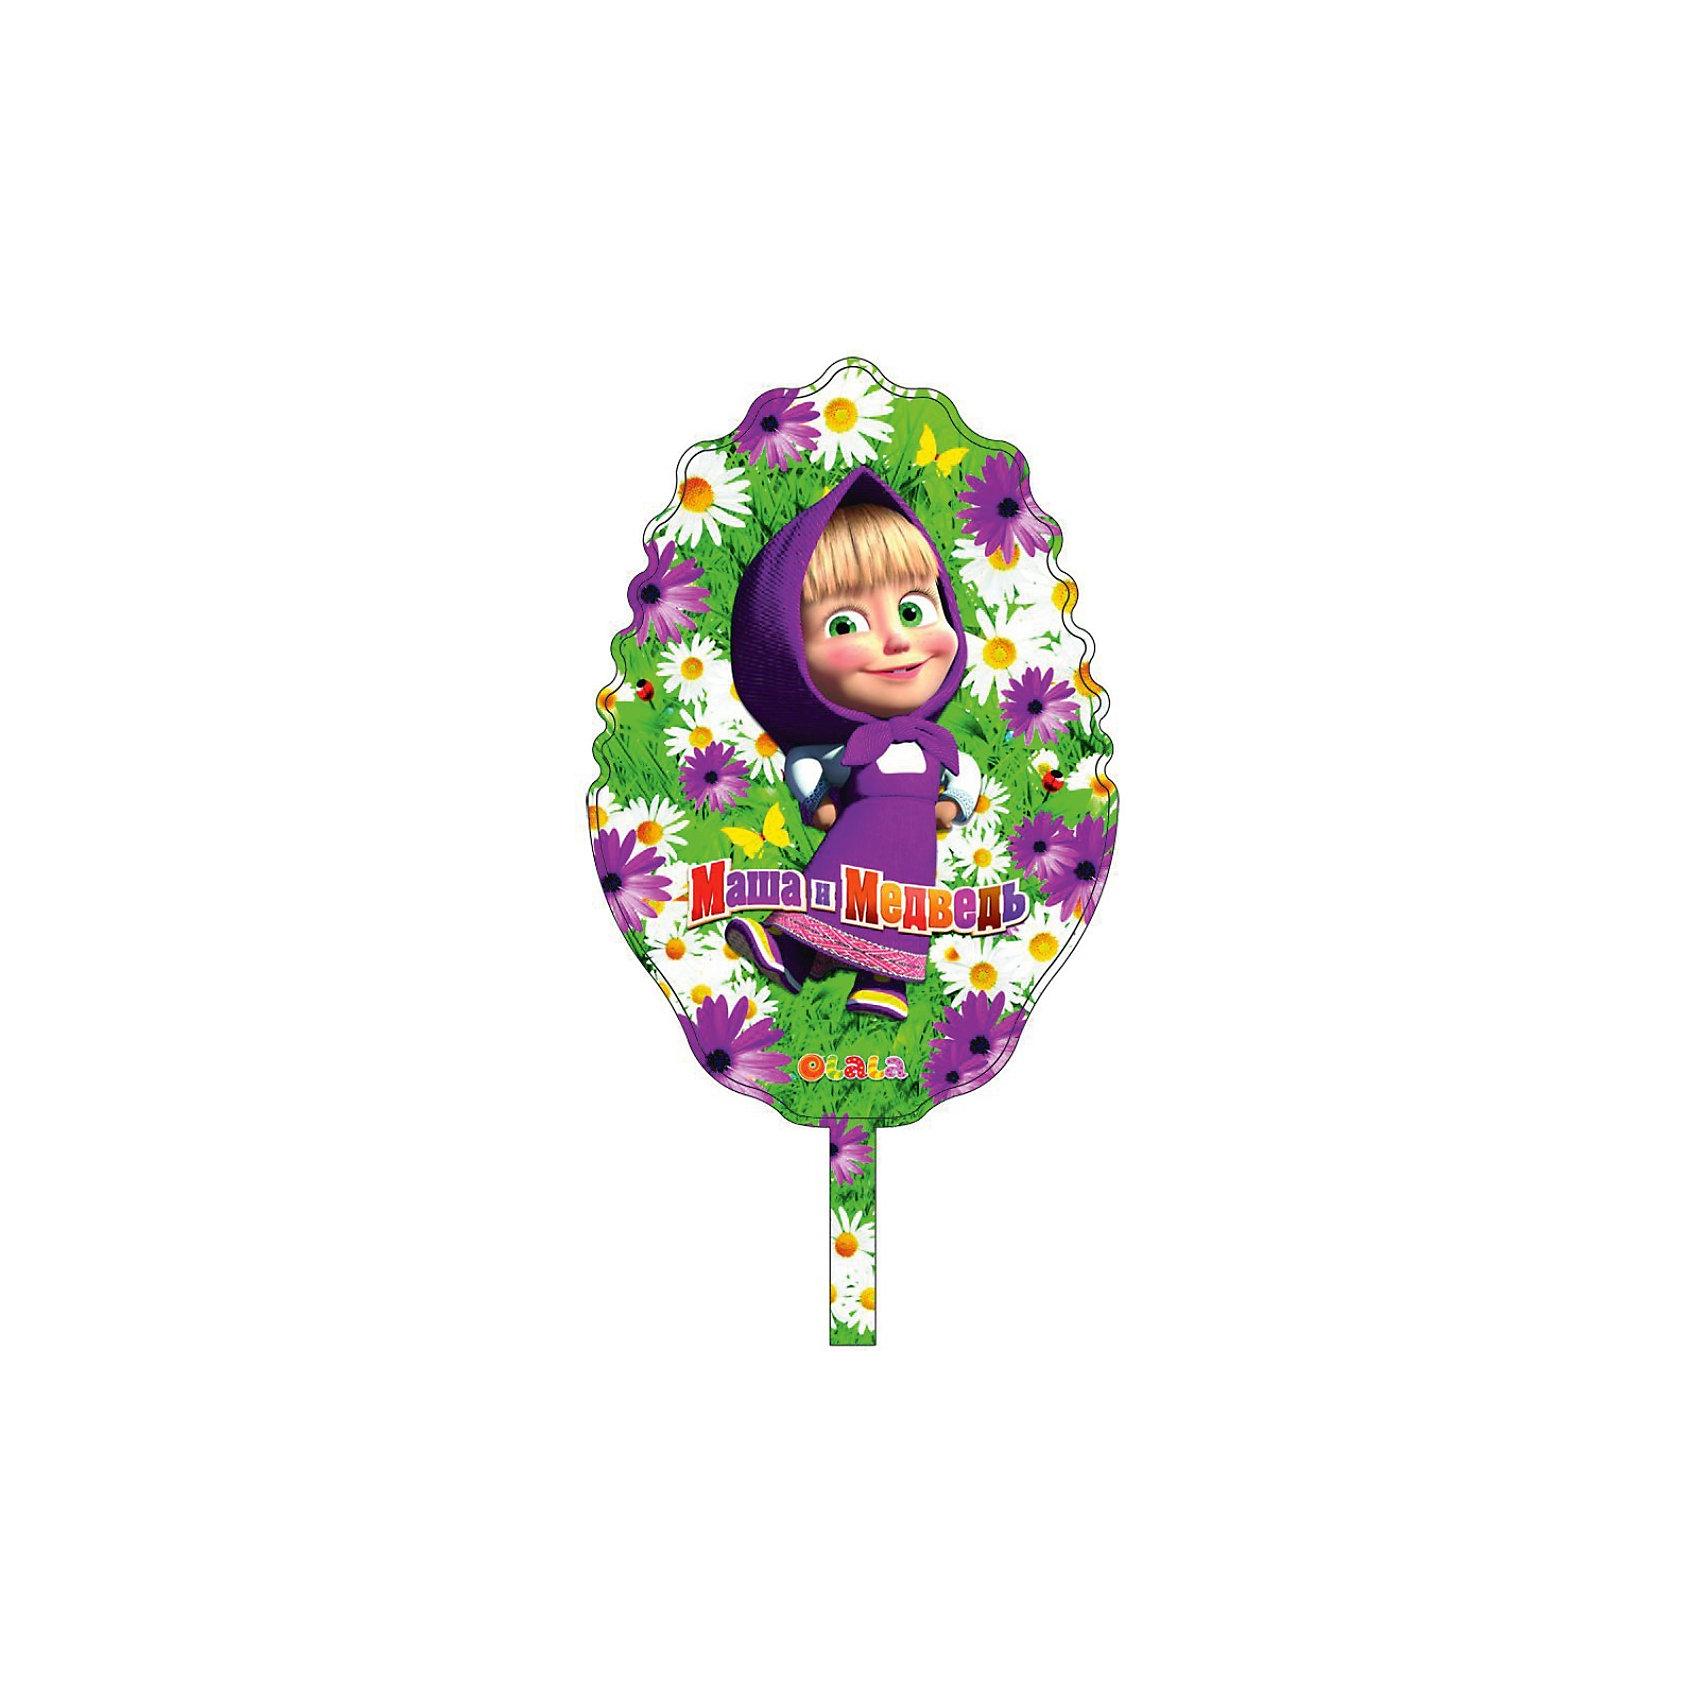 Шар Маша и МедведьФигурный шар «Маша и Медведь» с двусторонней печатью станет отличным украшением интерьера и забавной игрушкой для вашего ребенка. Прекрасный яркий аксессуар обязательно порадует вашего малыша и создаст атмосферу праздника.<br><br>Дополнительная информация:<br><br>- Размер: d - 56 см.<br>- Форма: круг.<br>- Материал: миларовая пленка.<br>- Надувается гелием.<br>- Поставляется в сдутом виде.<br><br>Шар Маша и Медведь можно купить в нашем магазине.<br><br>Ширина мм: 150<br>Глубина мм: 170<br>Высота мм: 10<br>Вес г: 80<br>Возраст от месяцев: 36<br>Возраст до месяцев: 84<br>Пол: Унисекс<br>Возраст: Детский<br>SKU: 3868076